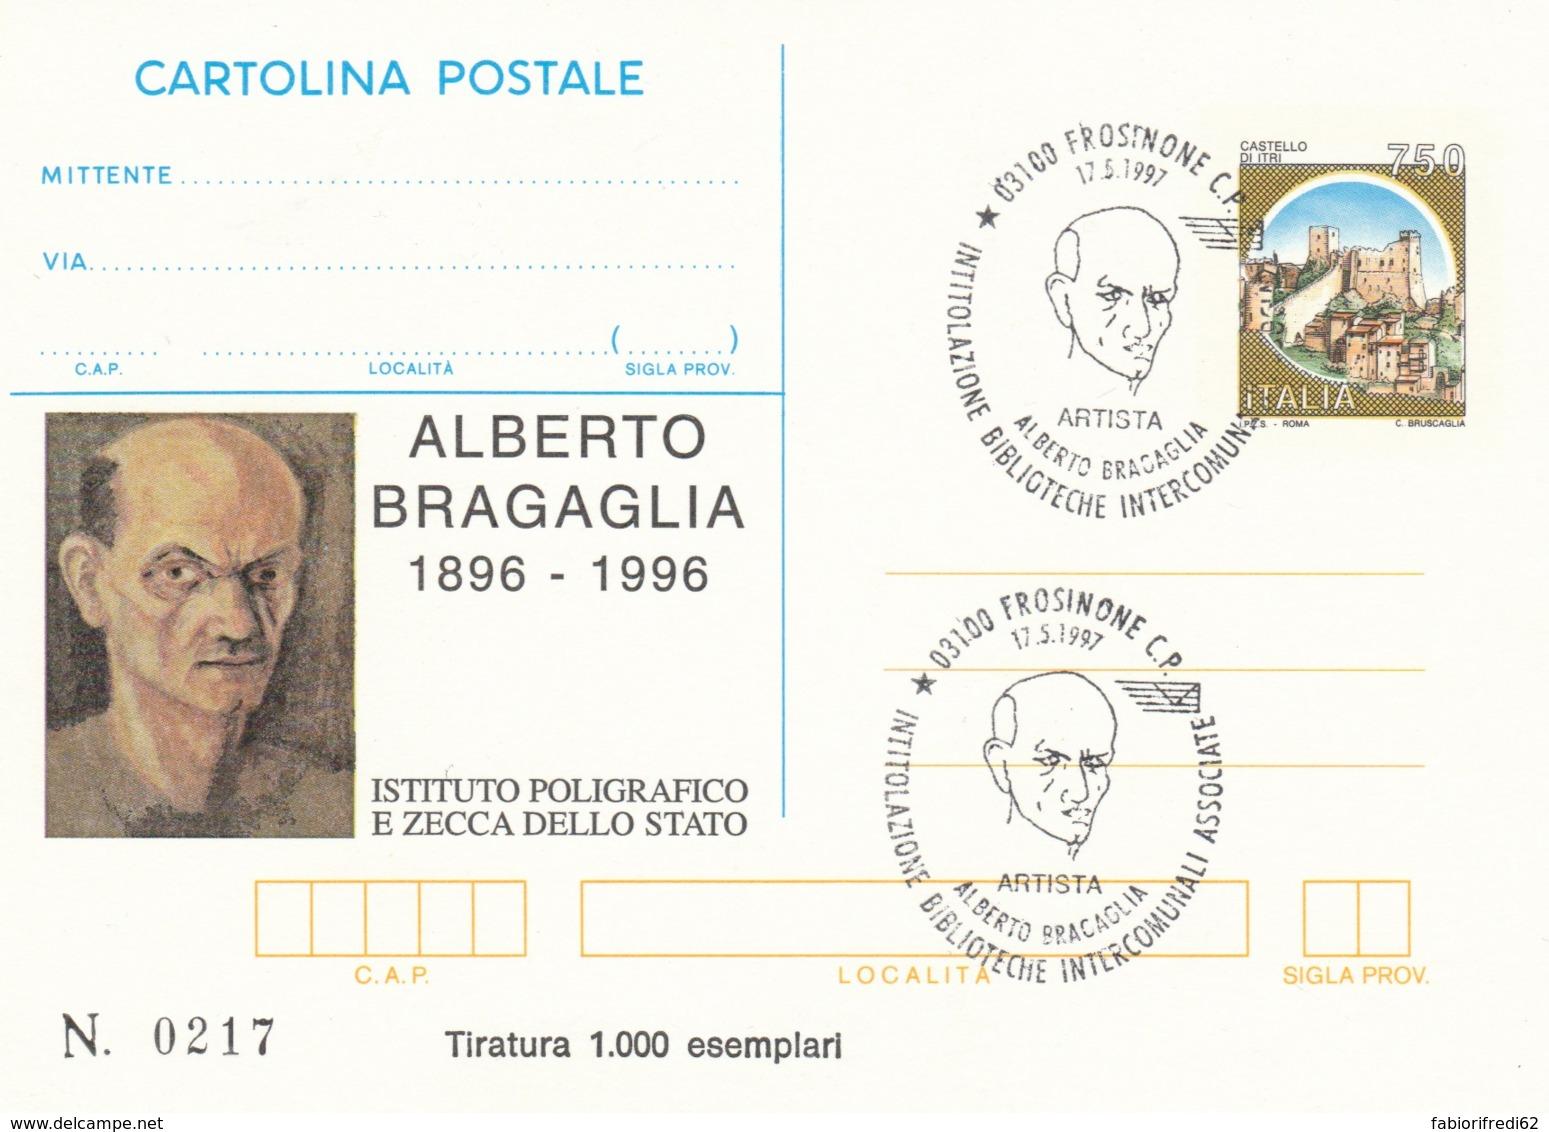 INTERO POSTALE 1997 BRACAGLIA TIR. 1000-ANNULLO SPECIALE (LV756 - Interi Postali